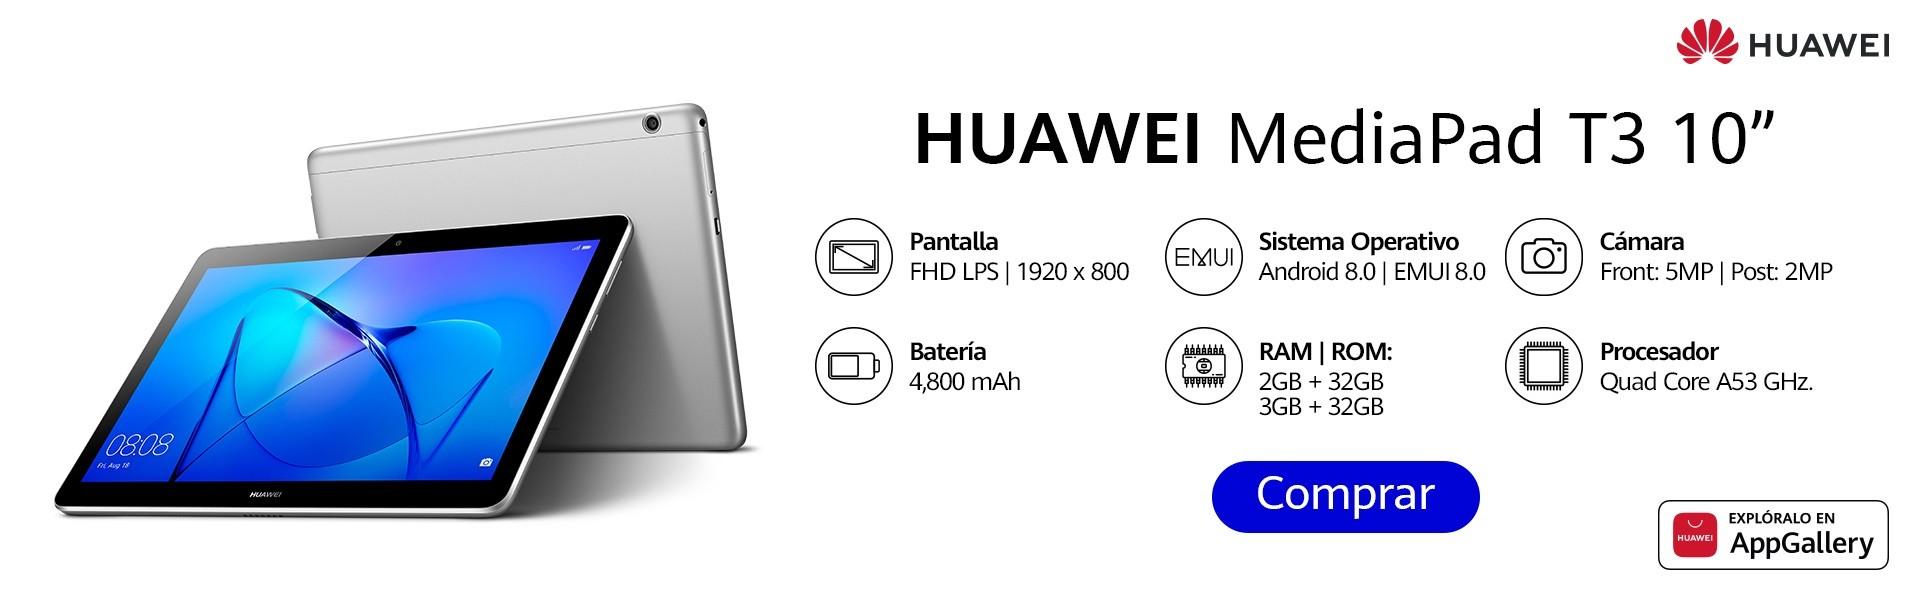 Huawei MediaPAD T3 T10